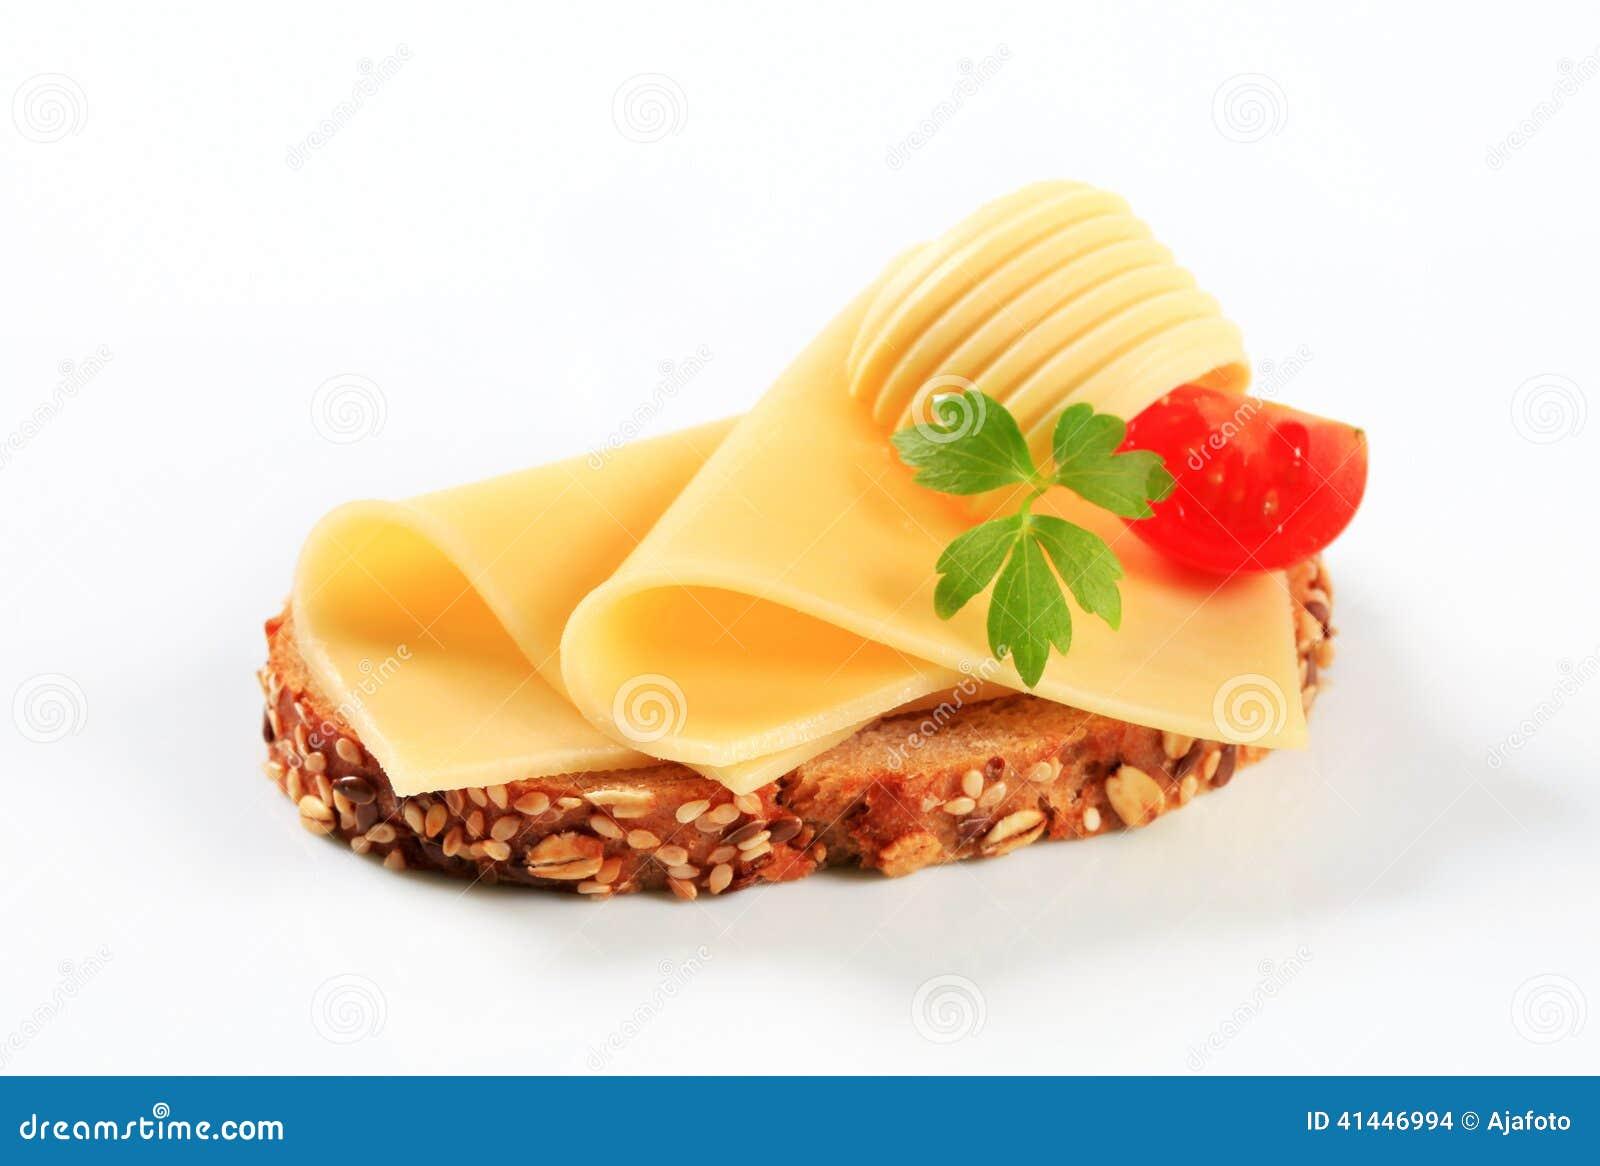 brot mit butter und k se stockfoto bild von hintergrund 41446994. Black Bedroom Furniture Sets. Home Design Ideas